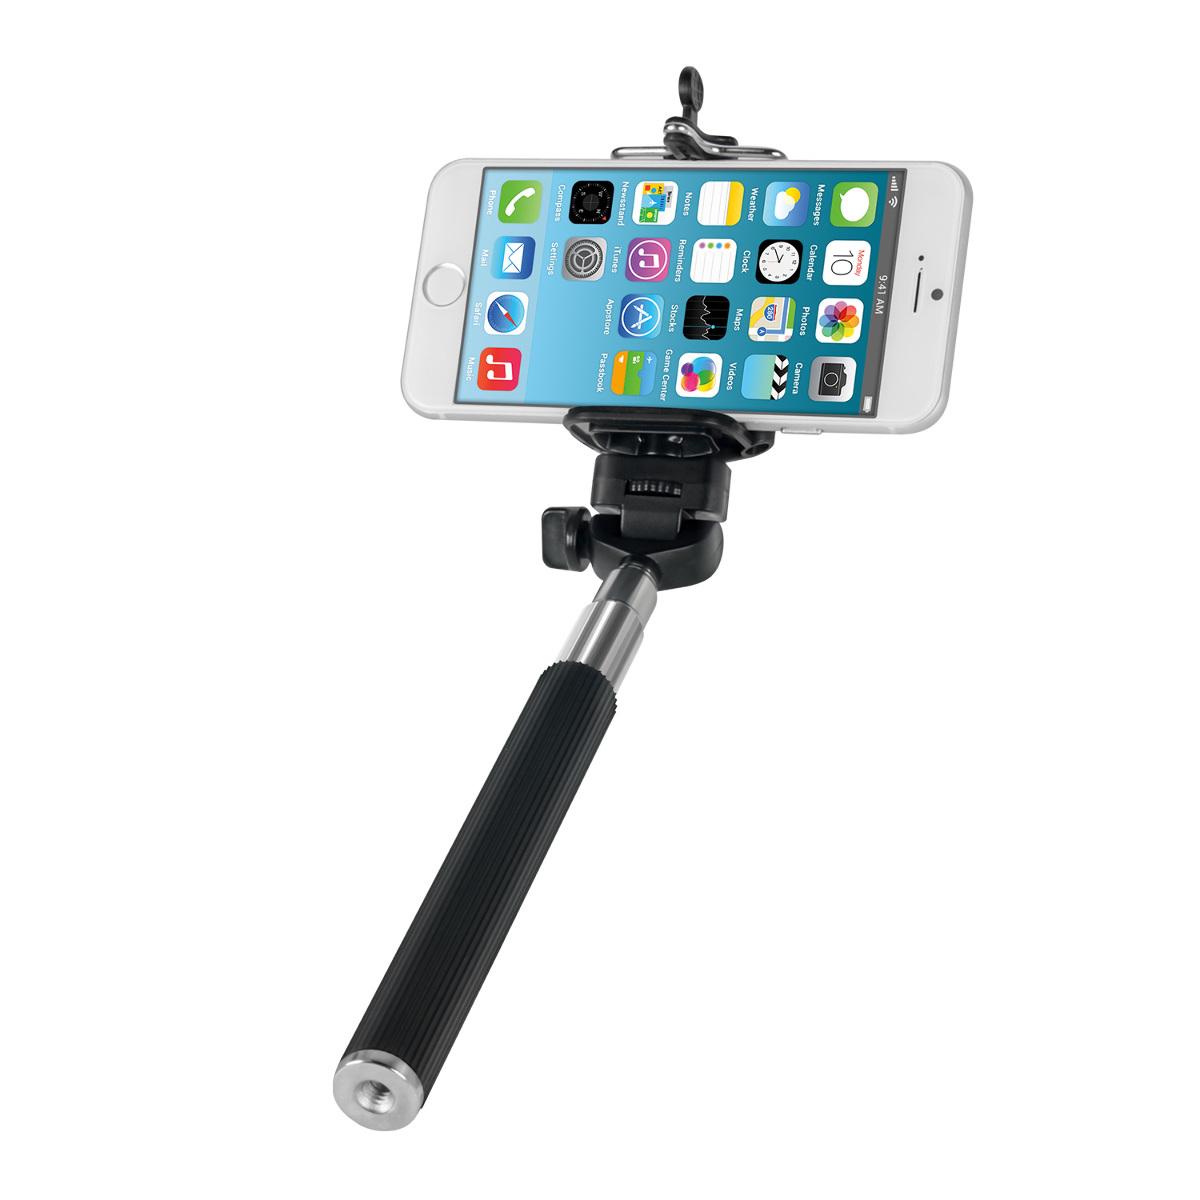 kwmobile handheld monopod tripod selfie stick smartphone holder for smartphone ebay. Black Bedroom Furniture Sets. Home Design Ideas